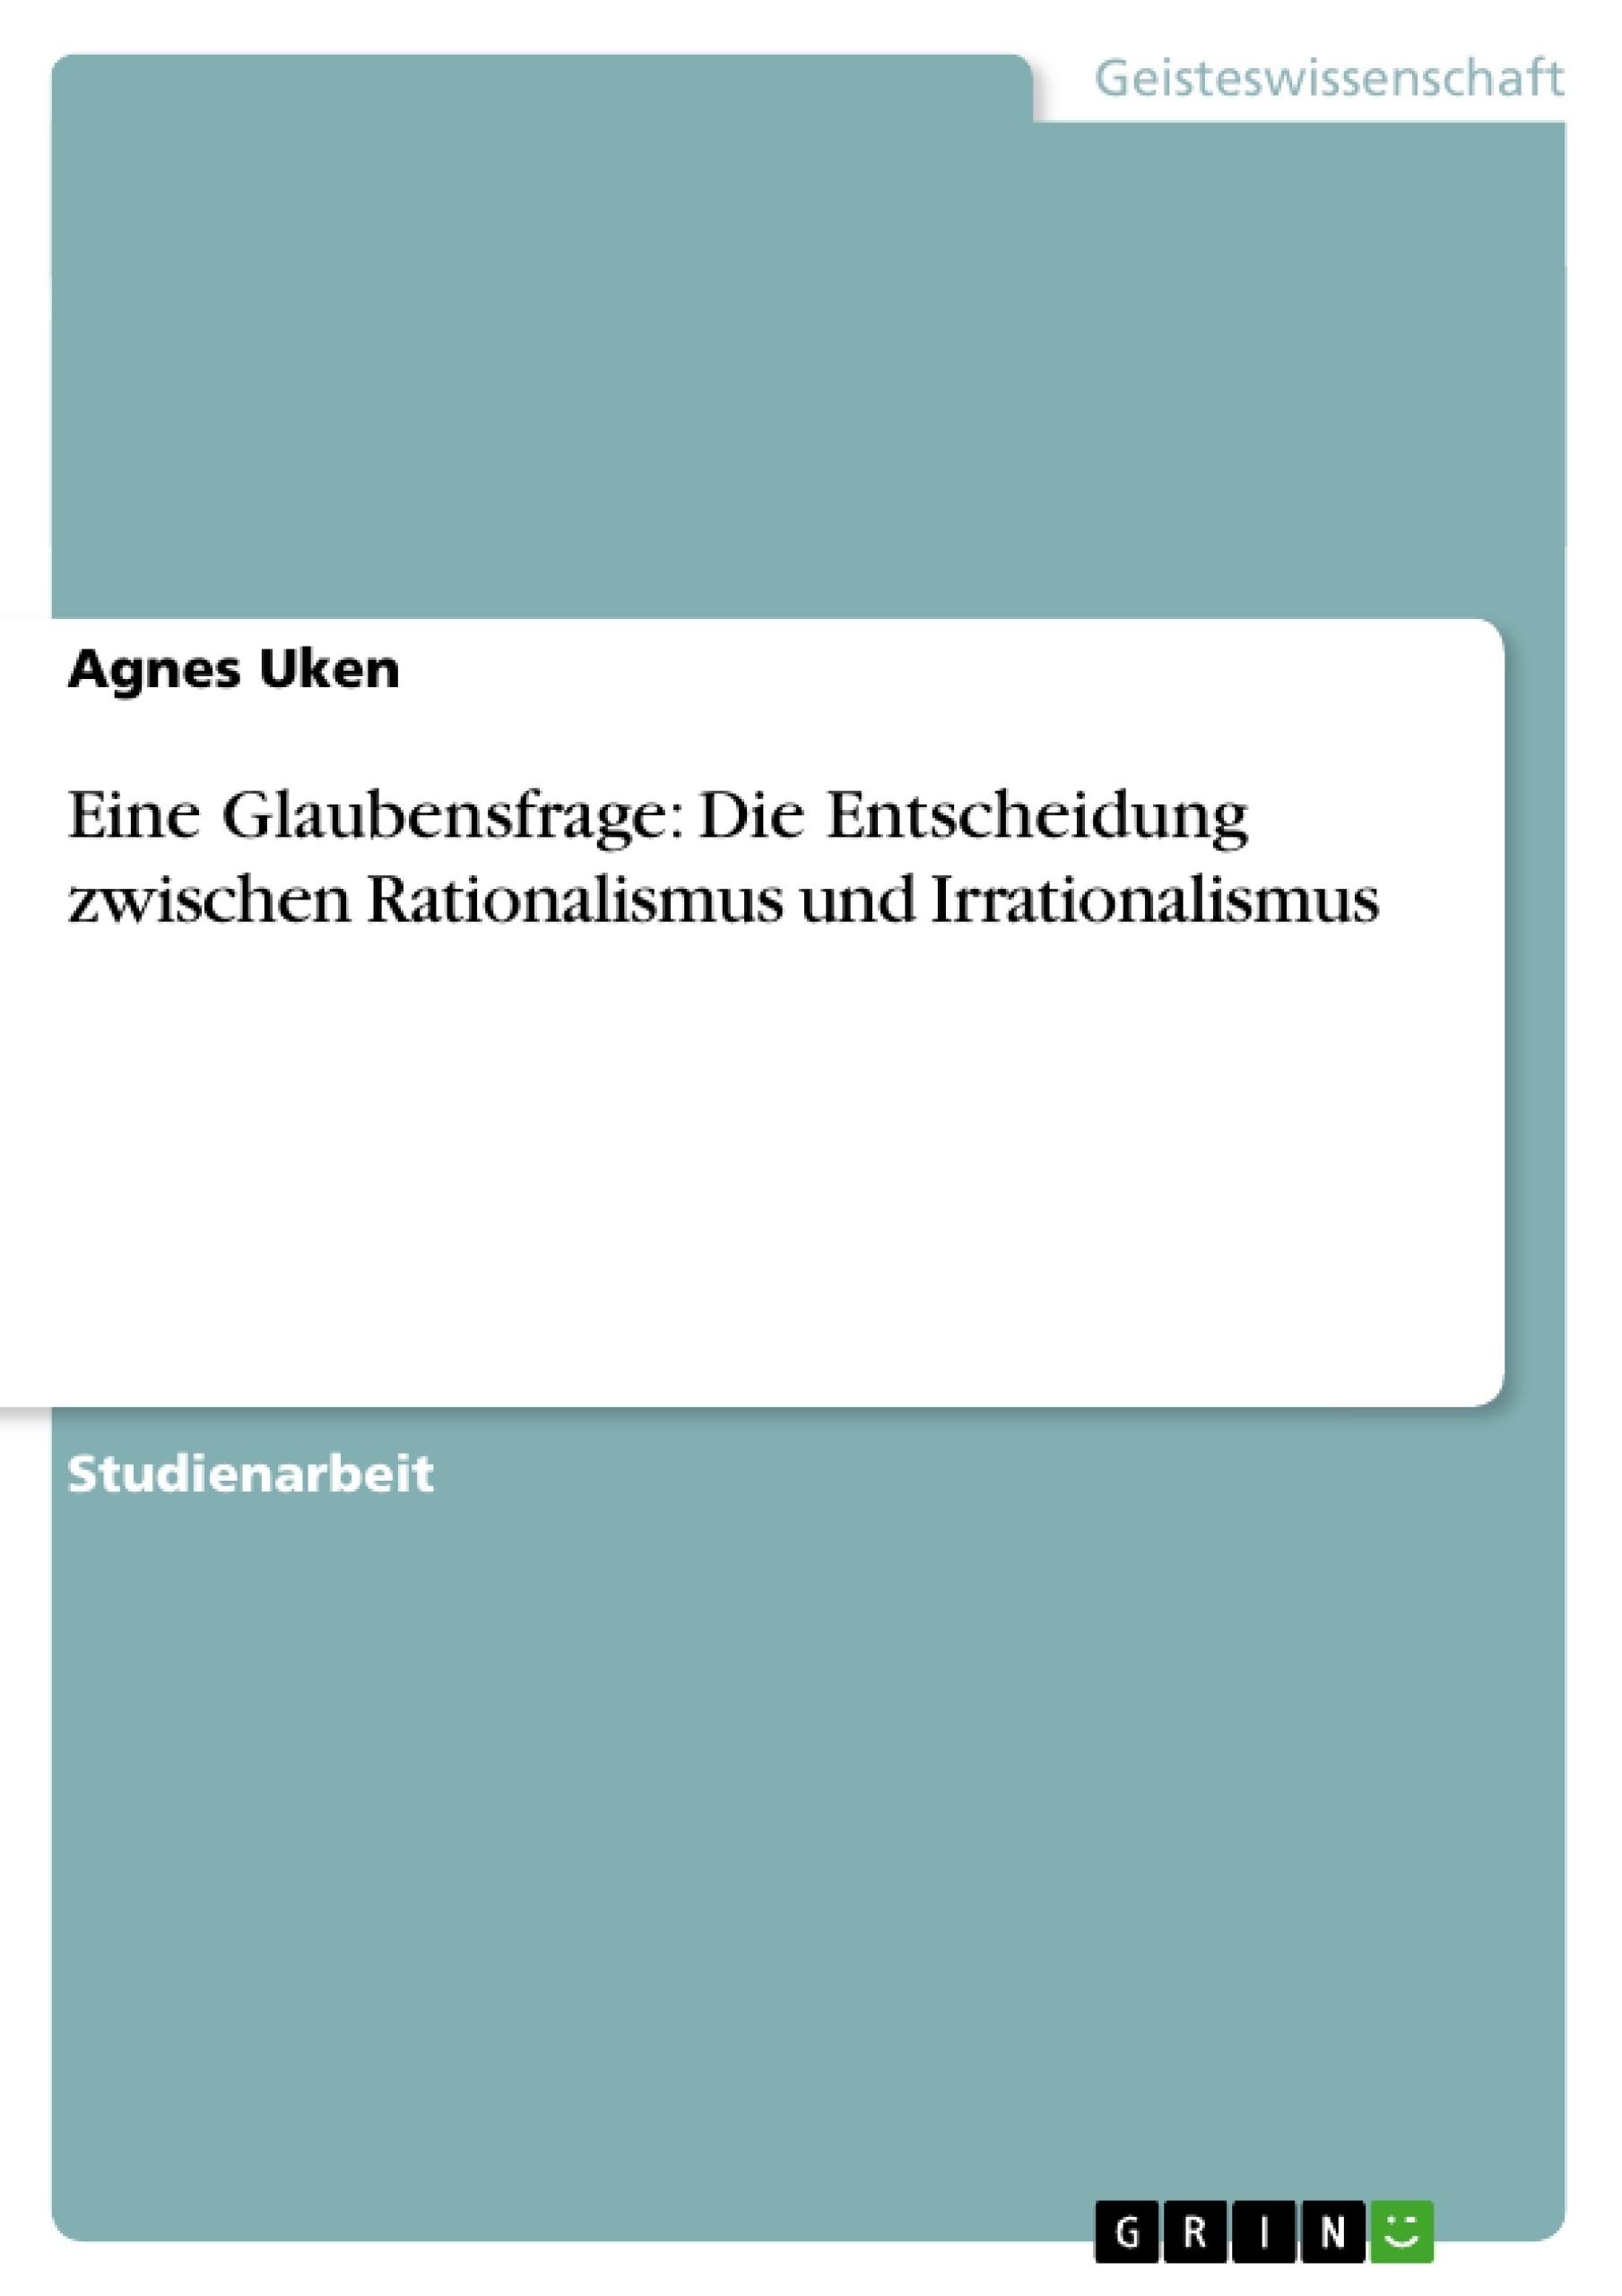 Titel: Eine Glaubensfrage: Die Entscheidung zwischen Rationalismus und Irrationalismus